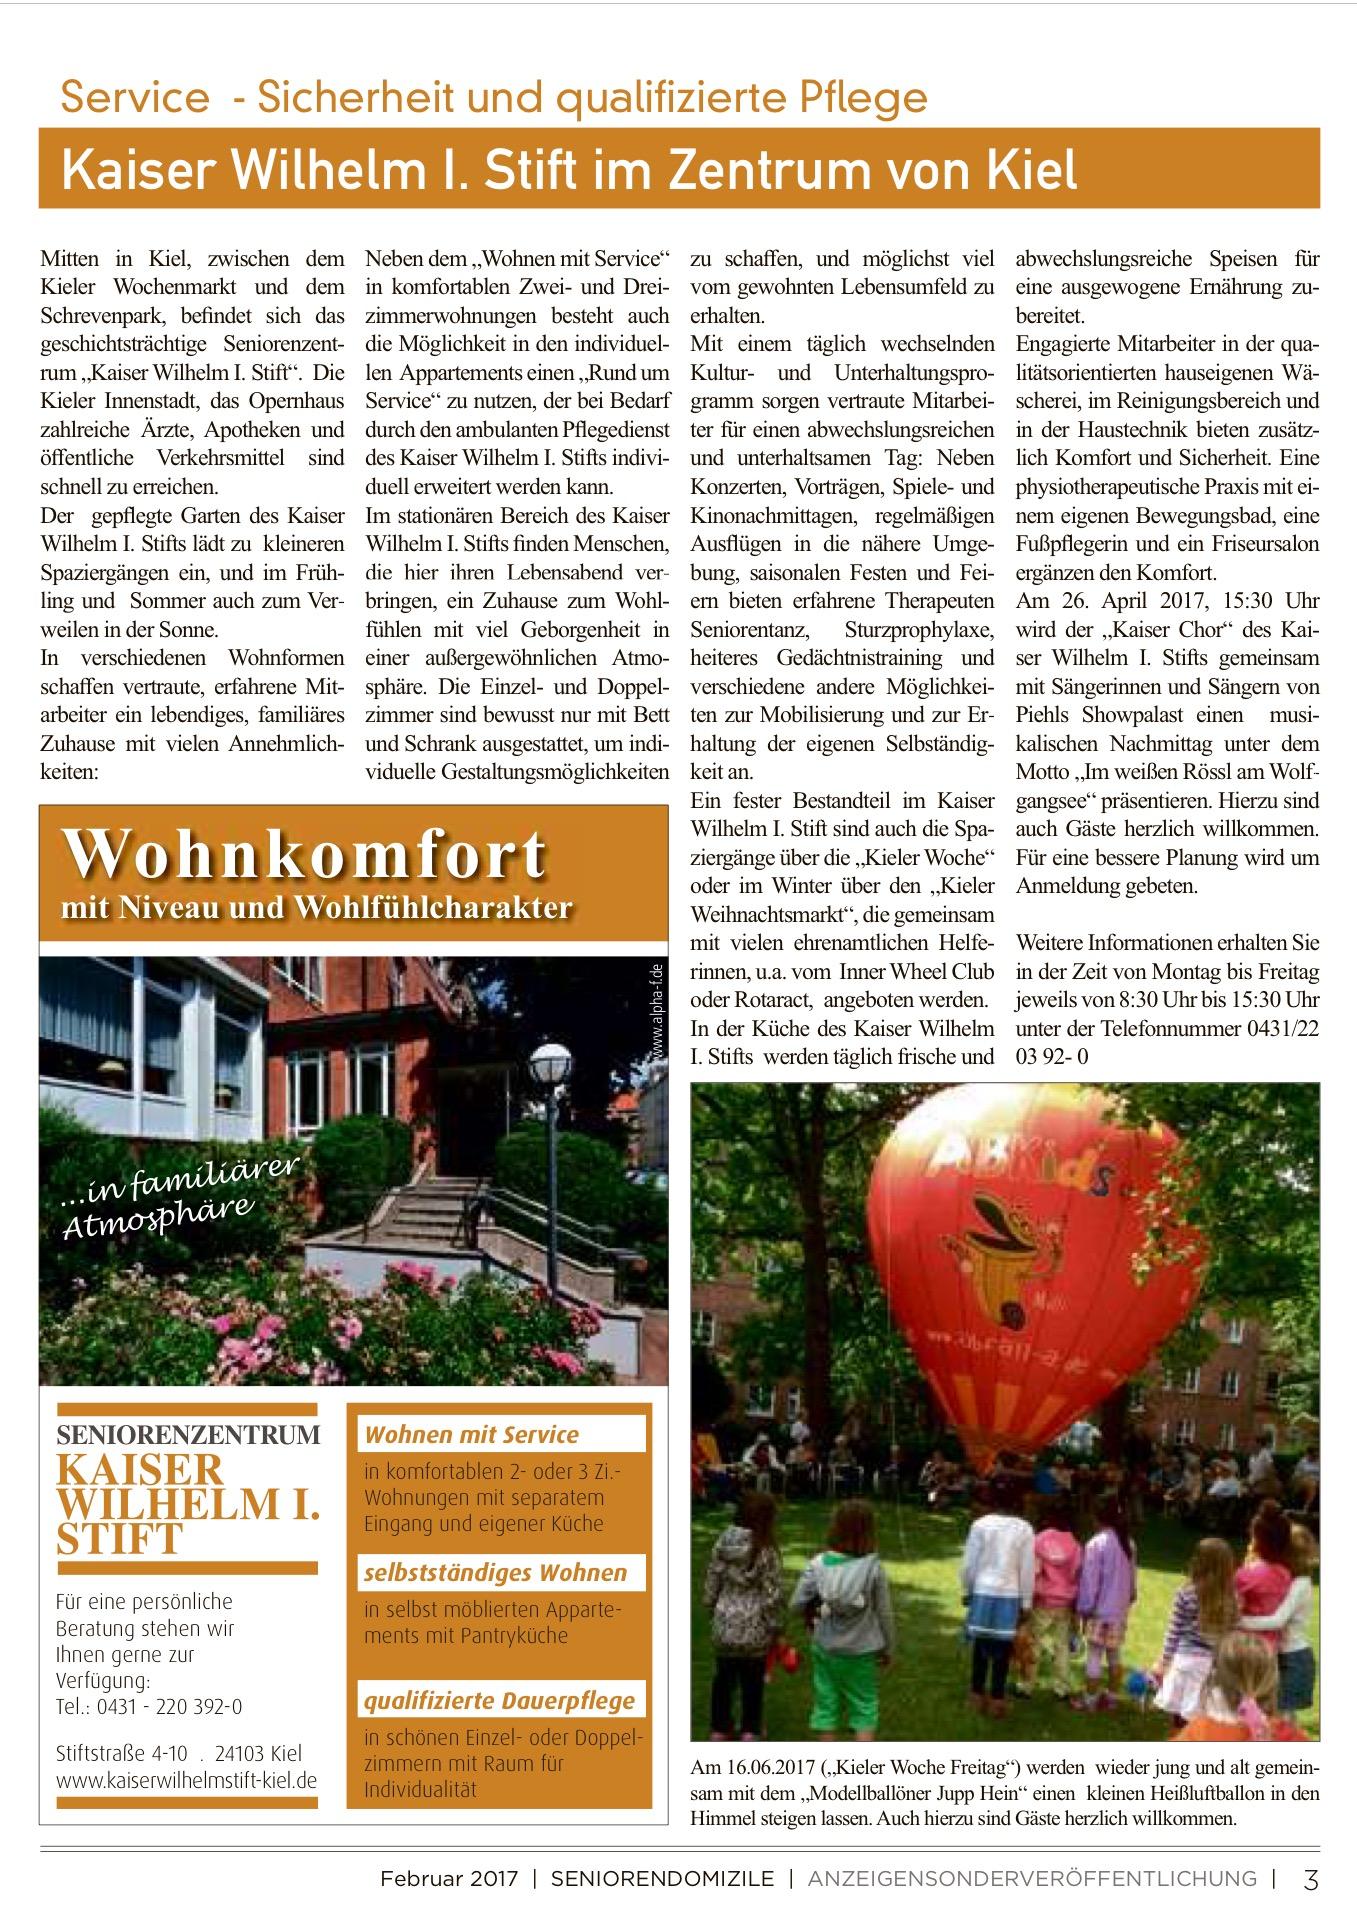 post image Ballonfahrer Jupp Hein zeigt Herz für Kinder und Senioren